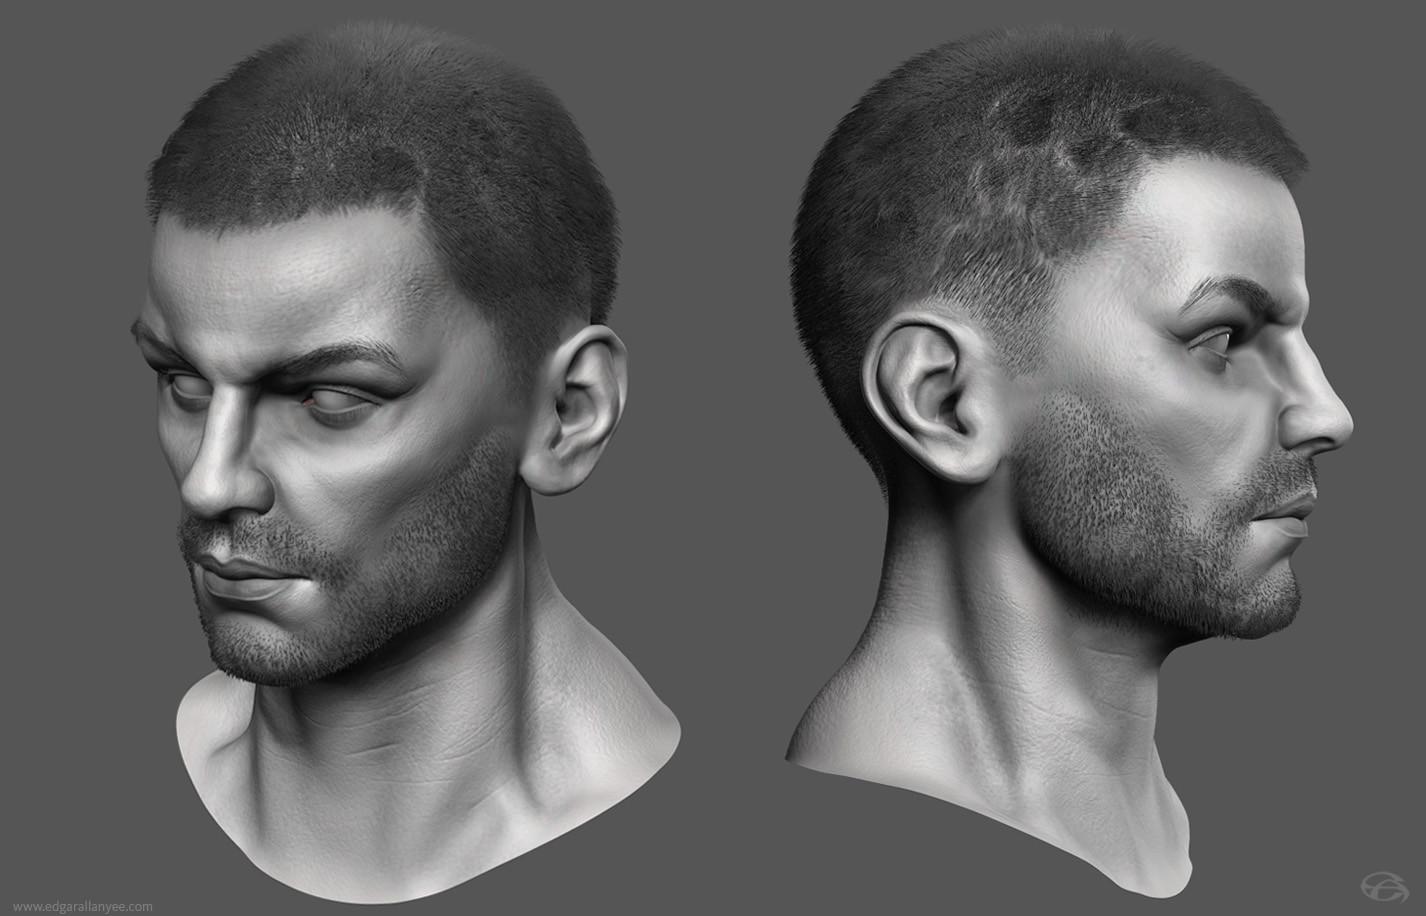 Edgar allan yee headsculpt sheet2